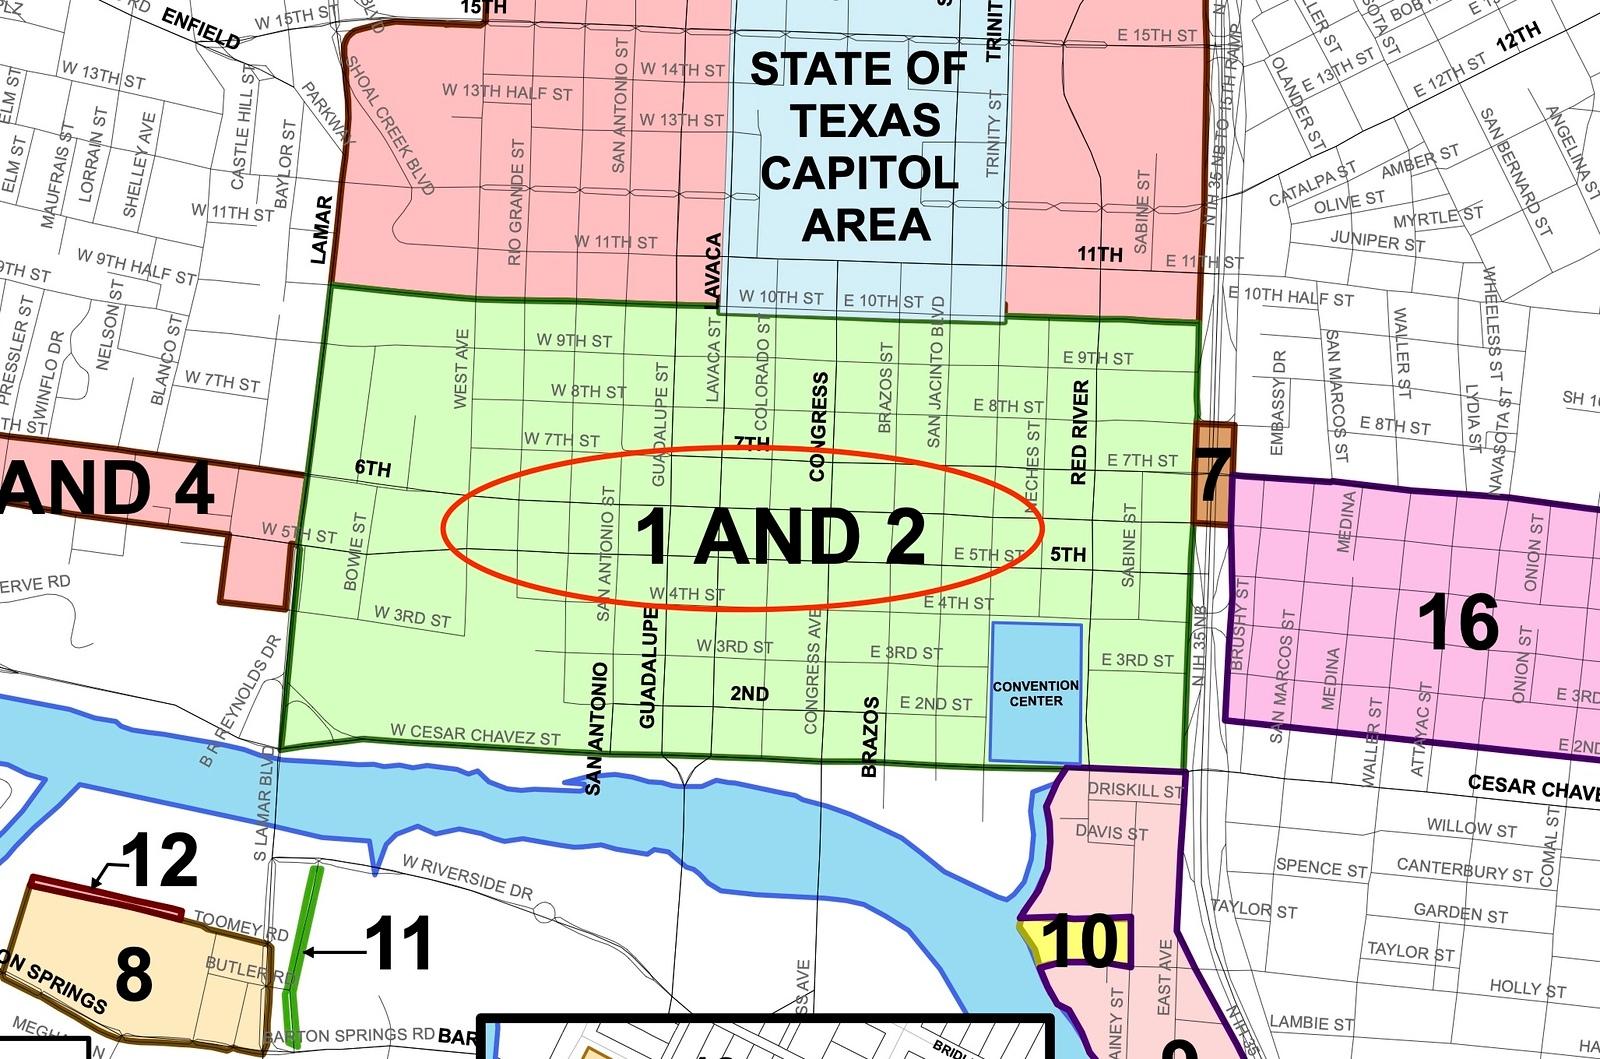 City of Austin parking meter zoning